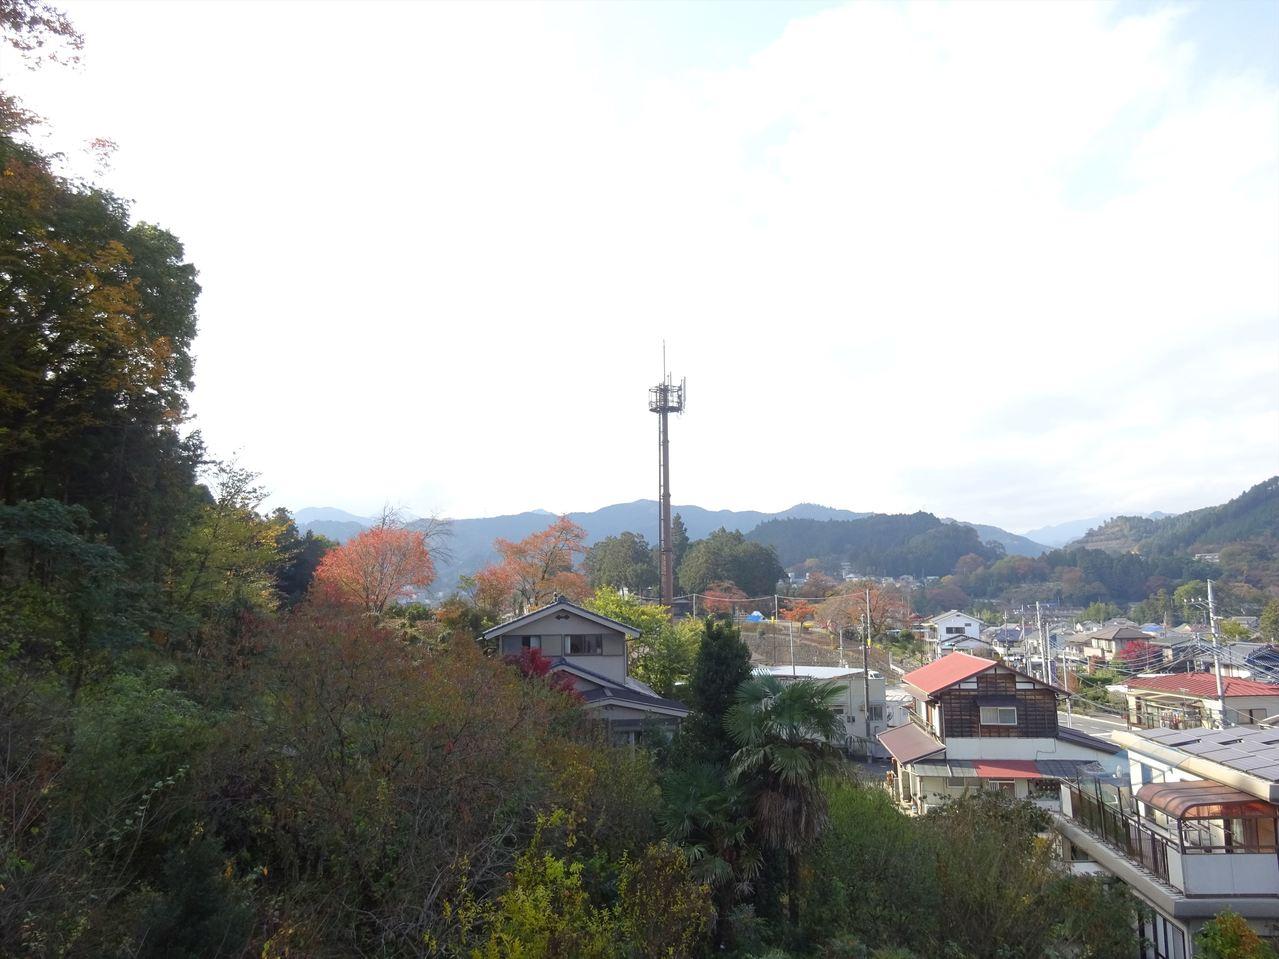 自然環境豊か♪この眺望を毎日見ることができますよ!おいしい空気で心もリフレッシュ!